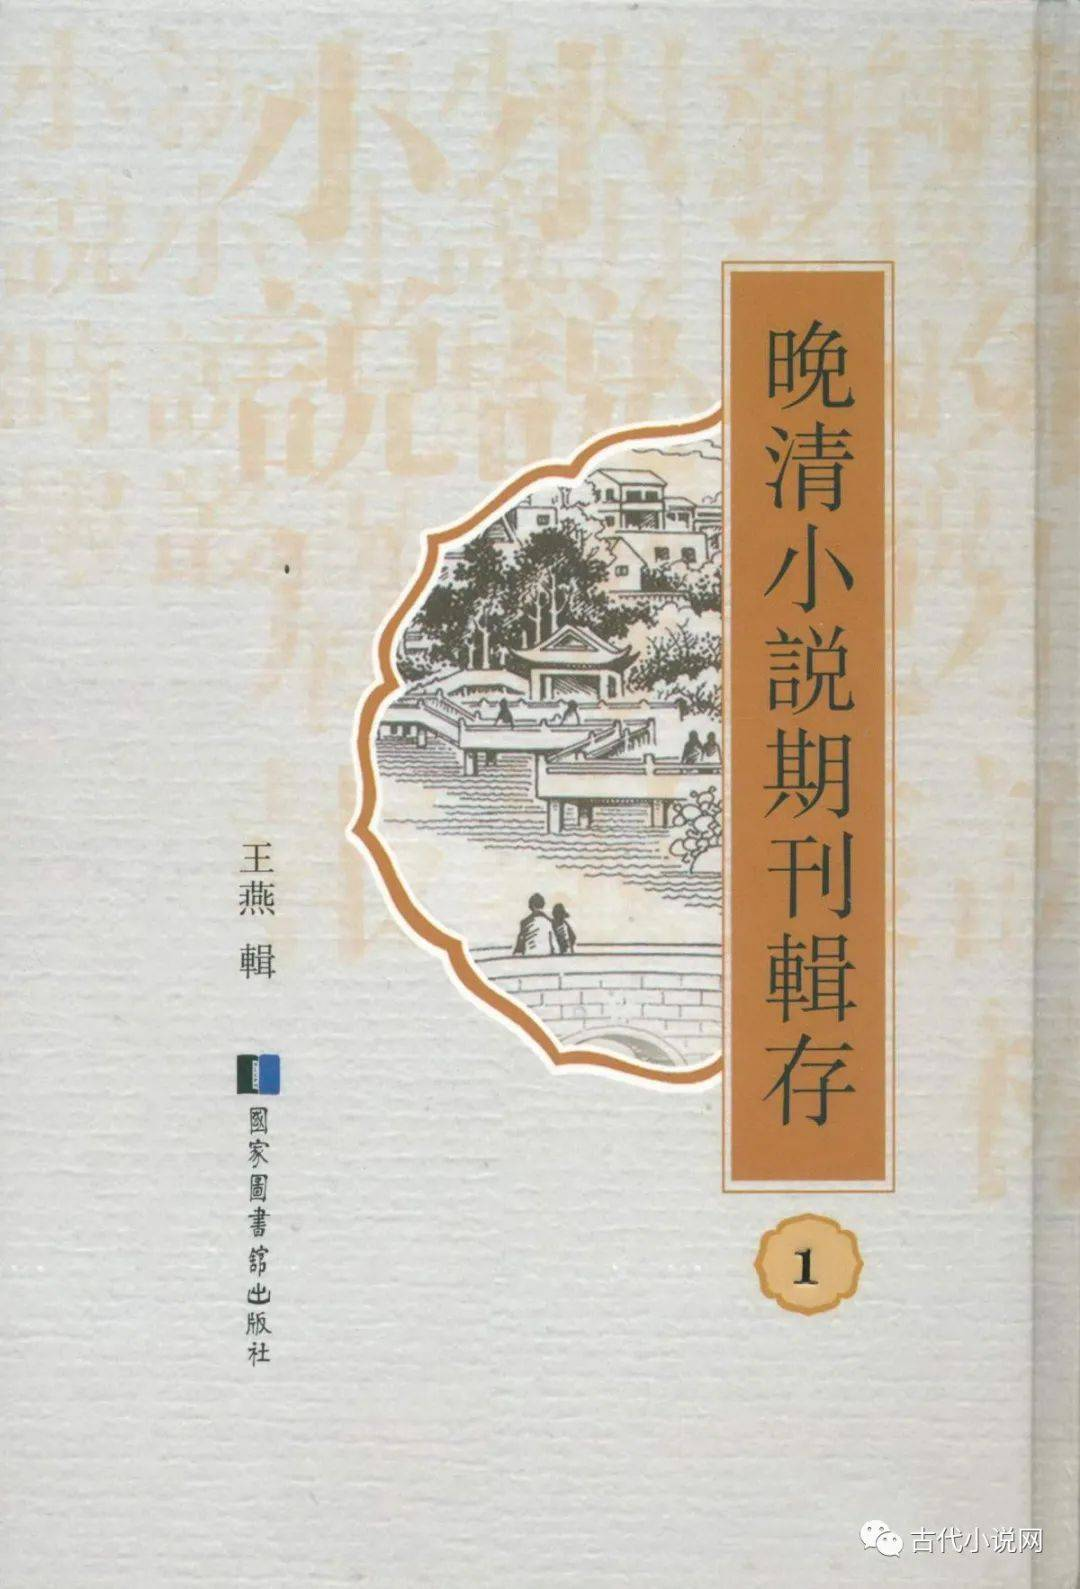 穿越晚清的小说 中华崛起之横扫天下